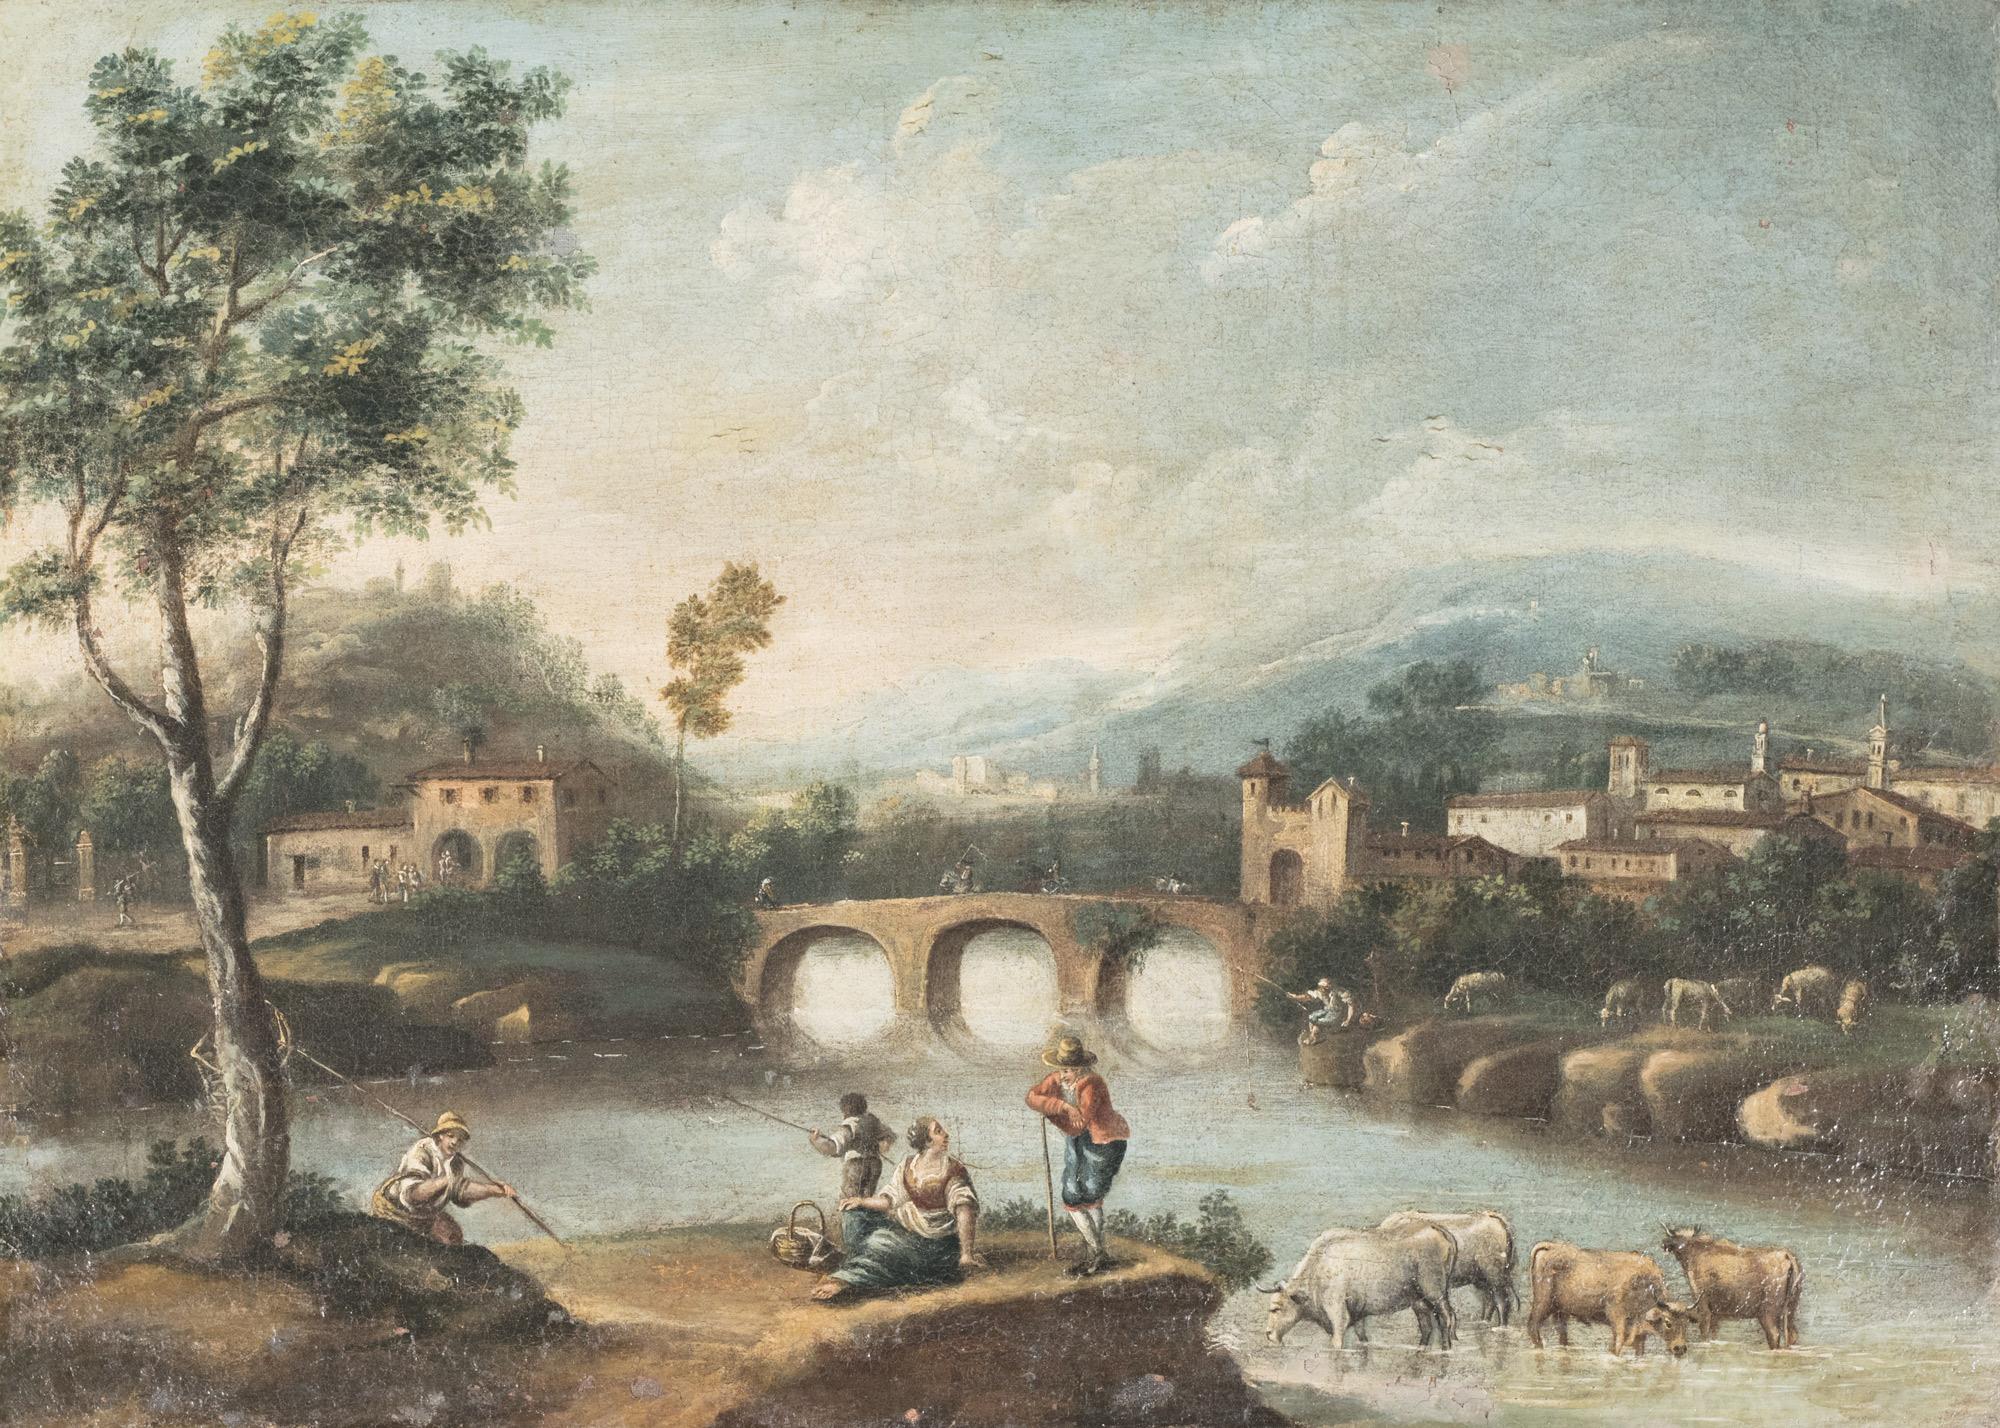 Paesaggio fluviale con ponte di pietra, borgo antico e armenti al guado; e paesaggio fluviale con viandanti e villa sullo sfondo